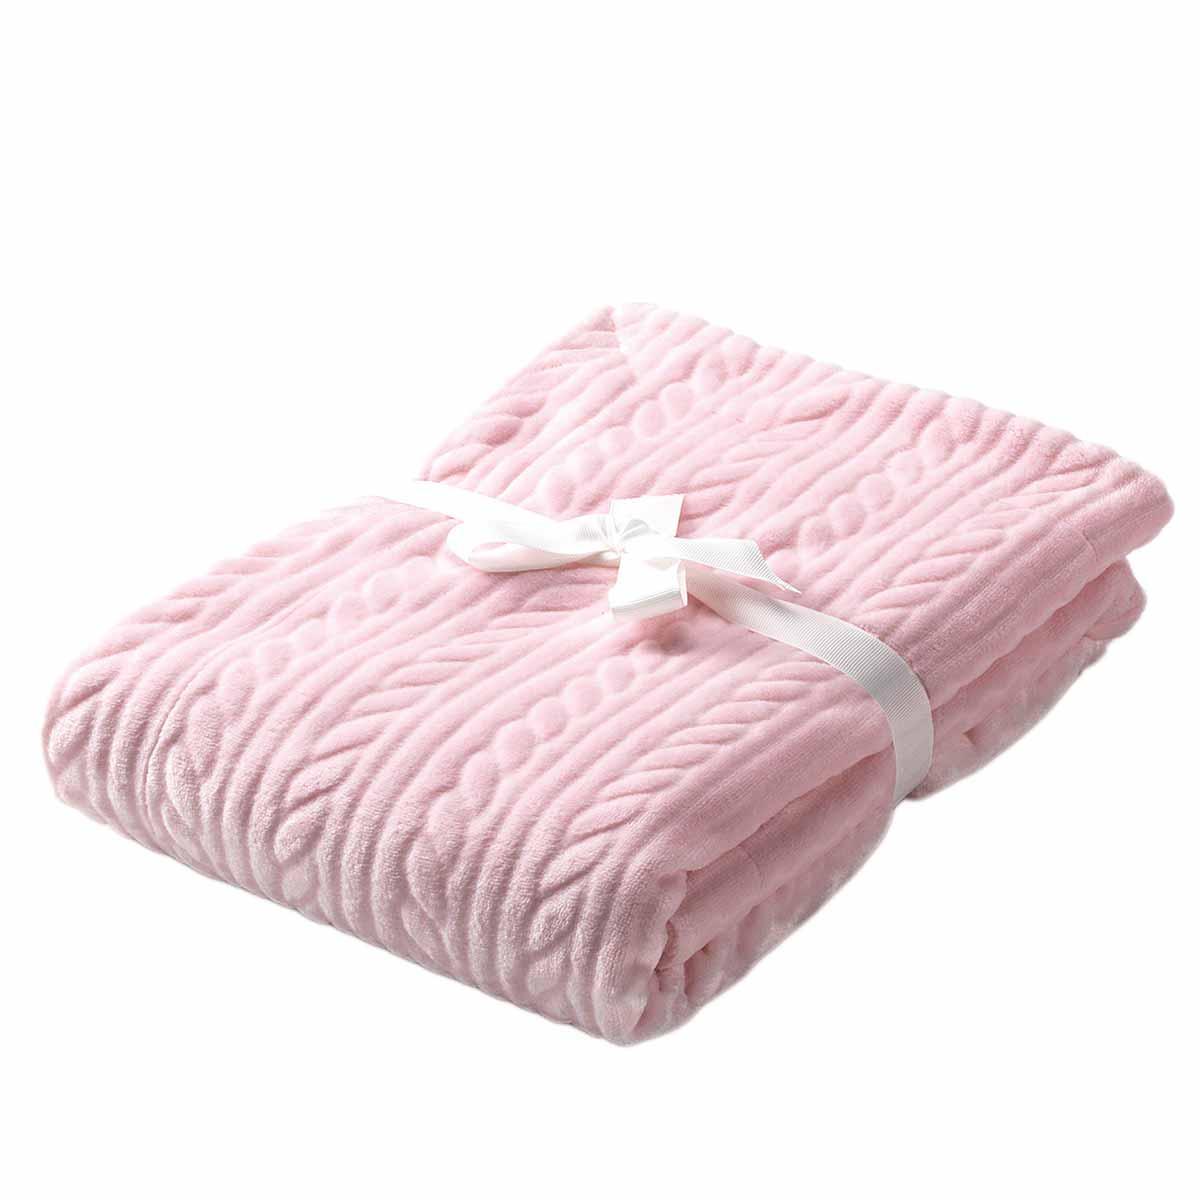 Κουβέρτα Βελουτέ Αγκαλιάς Morven Mimos G84